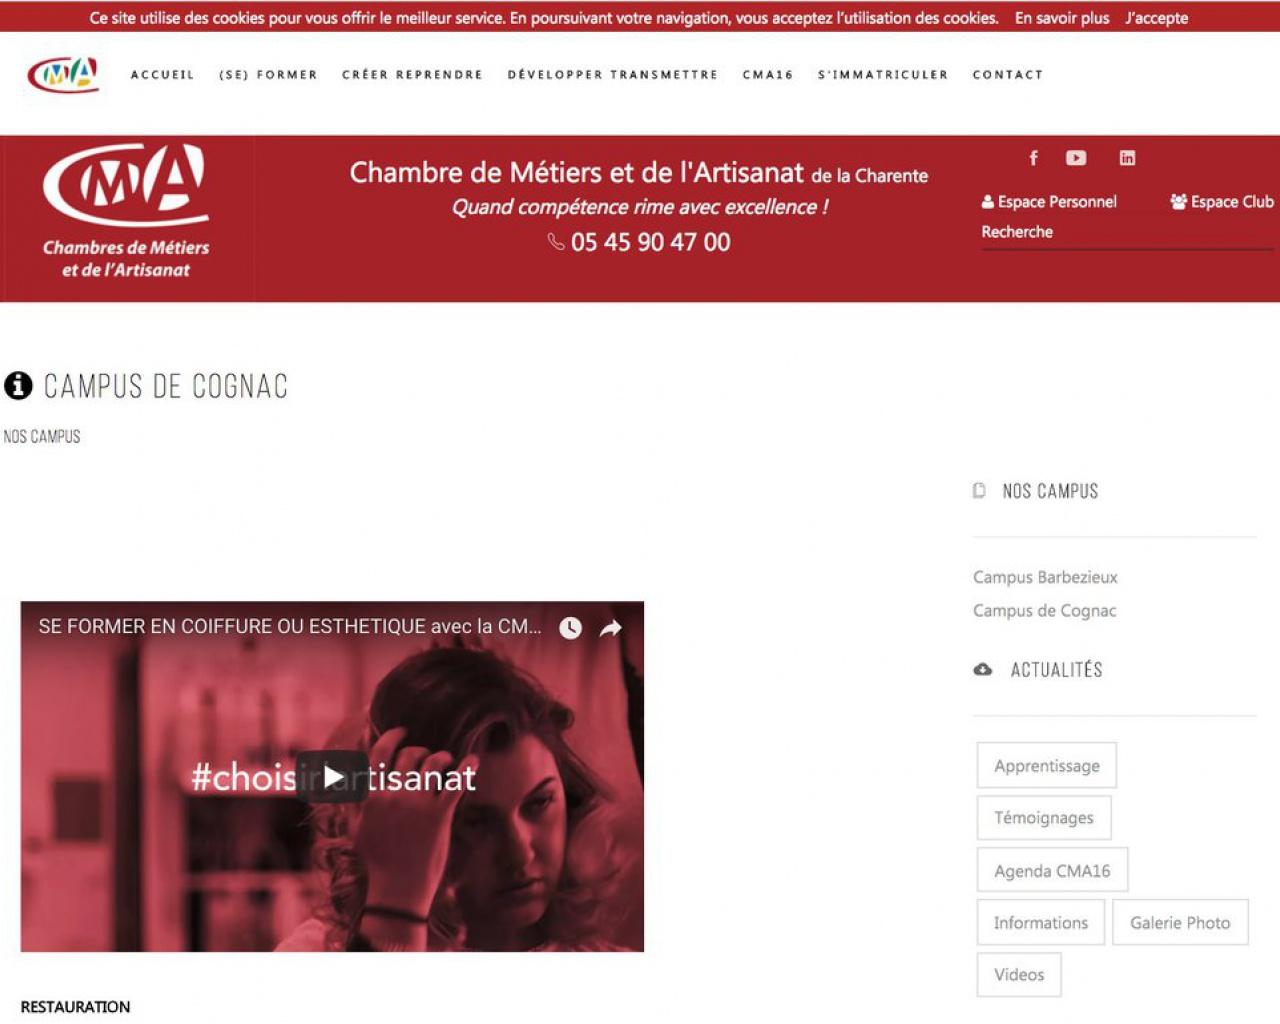 Les CFA de la Nouvelle Aquitaine   Annuaire   CRMA ...